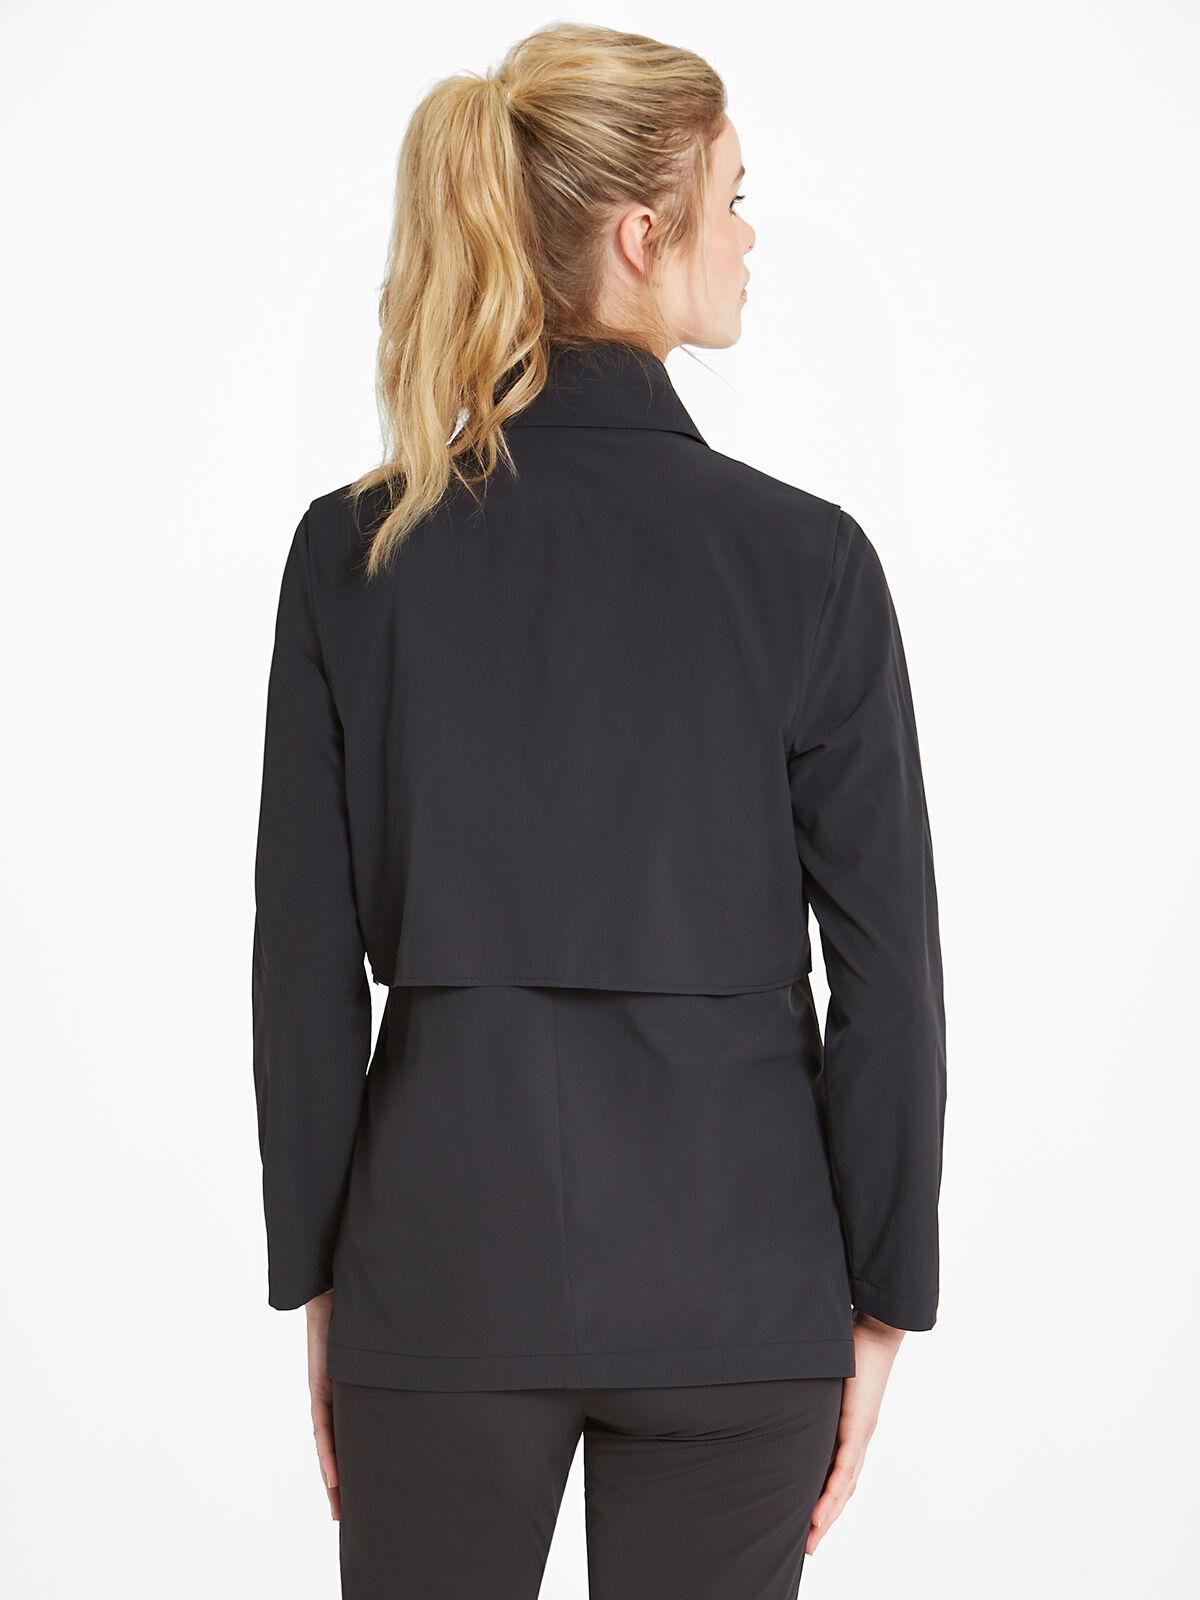 Tech Stretch Jacket